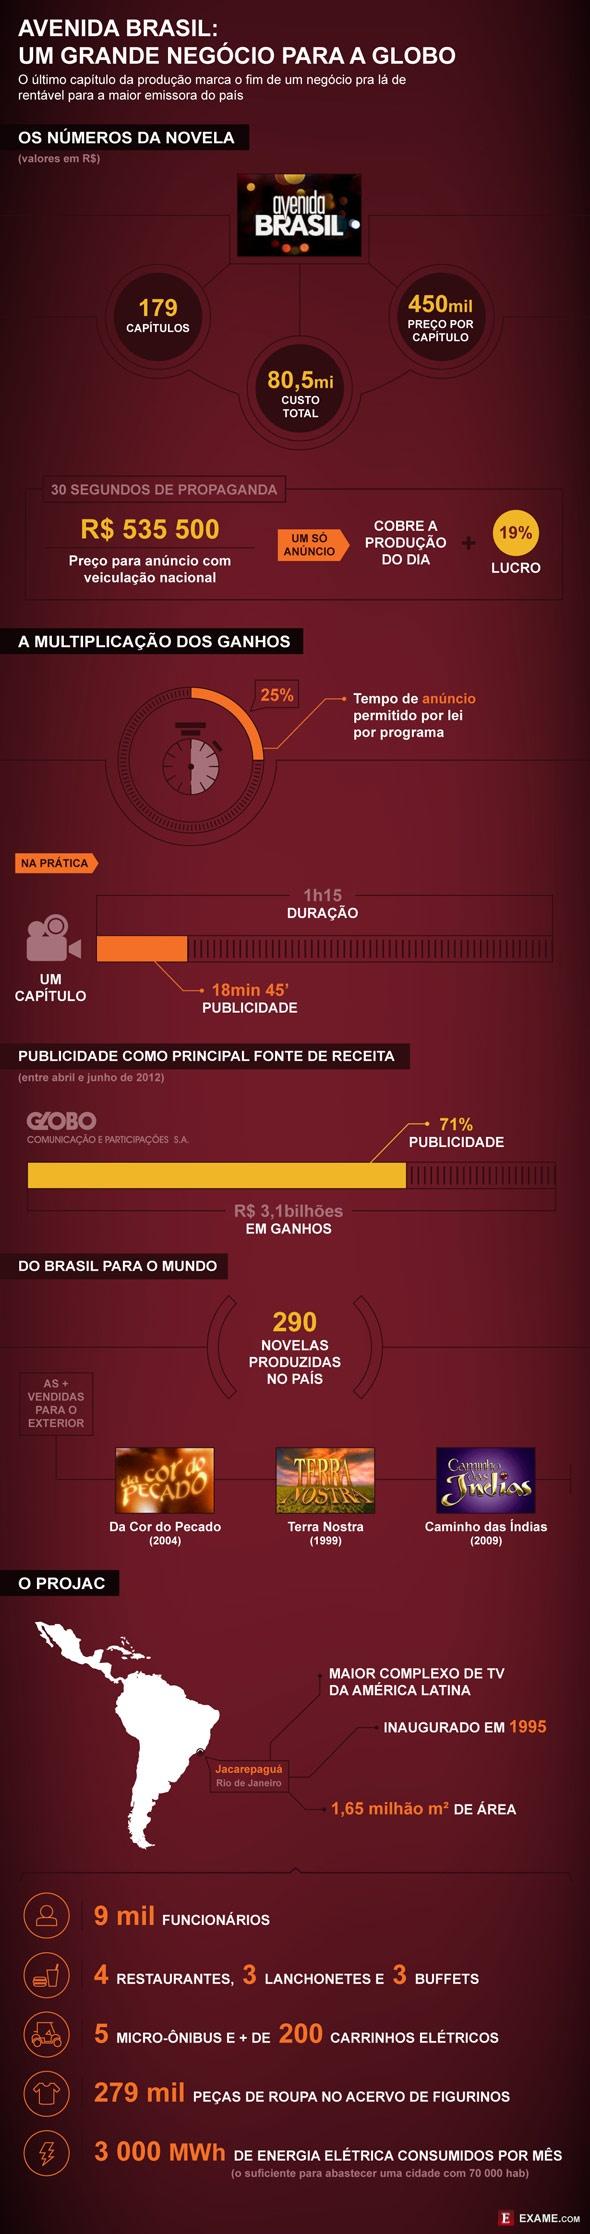 #oioioi - fonte: http://exame.abril.com.br/negocios/empresas/noticias/como-avenida-brasil-injeta-dinheiro-na-globo